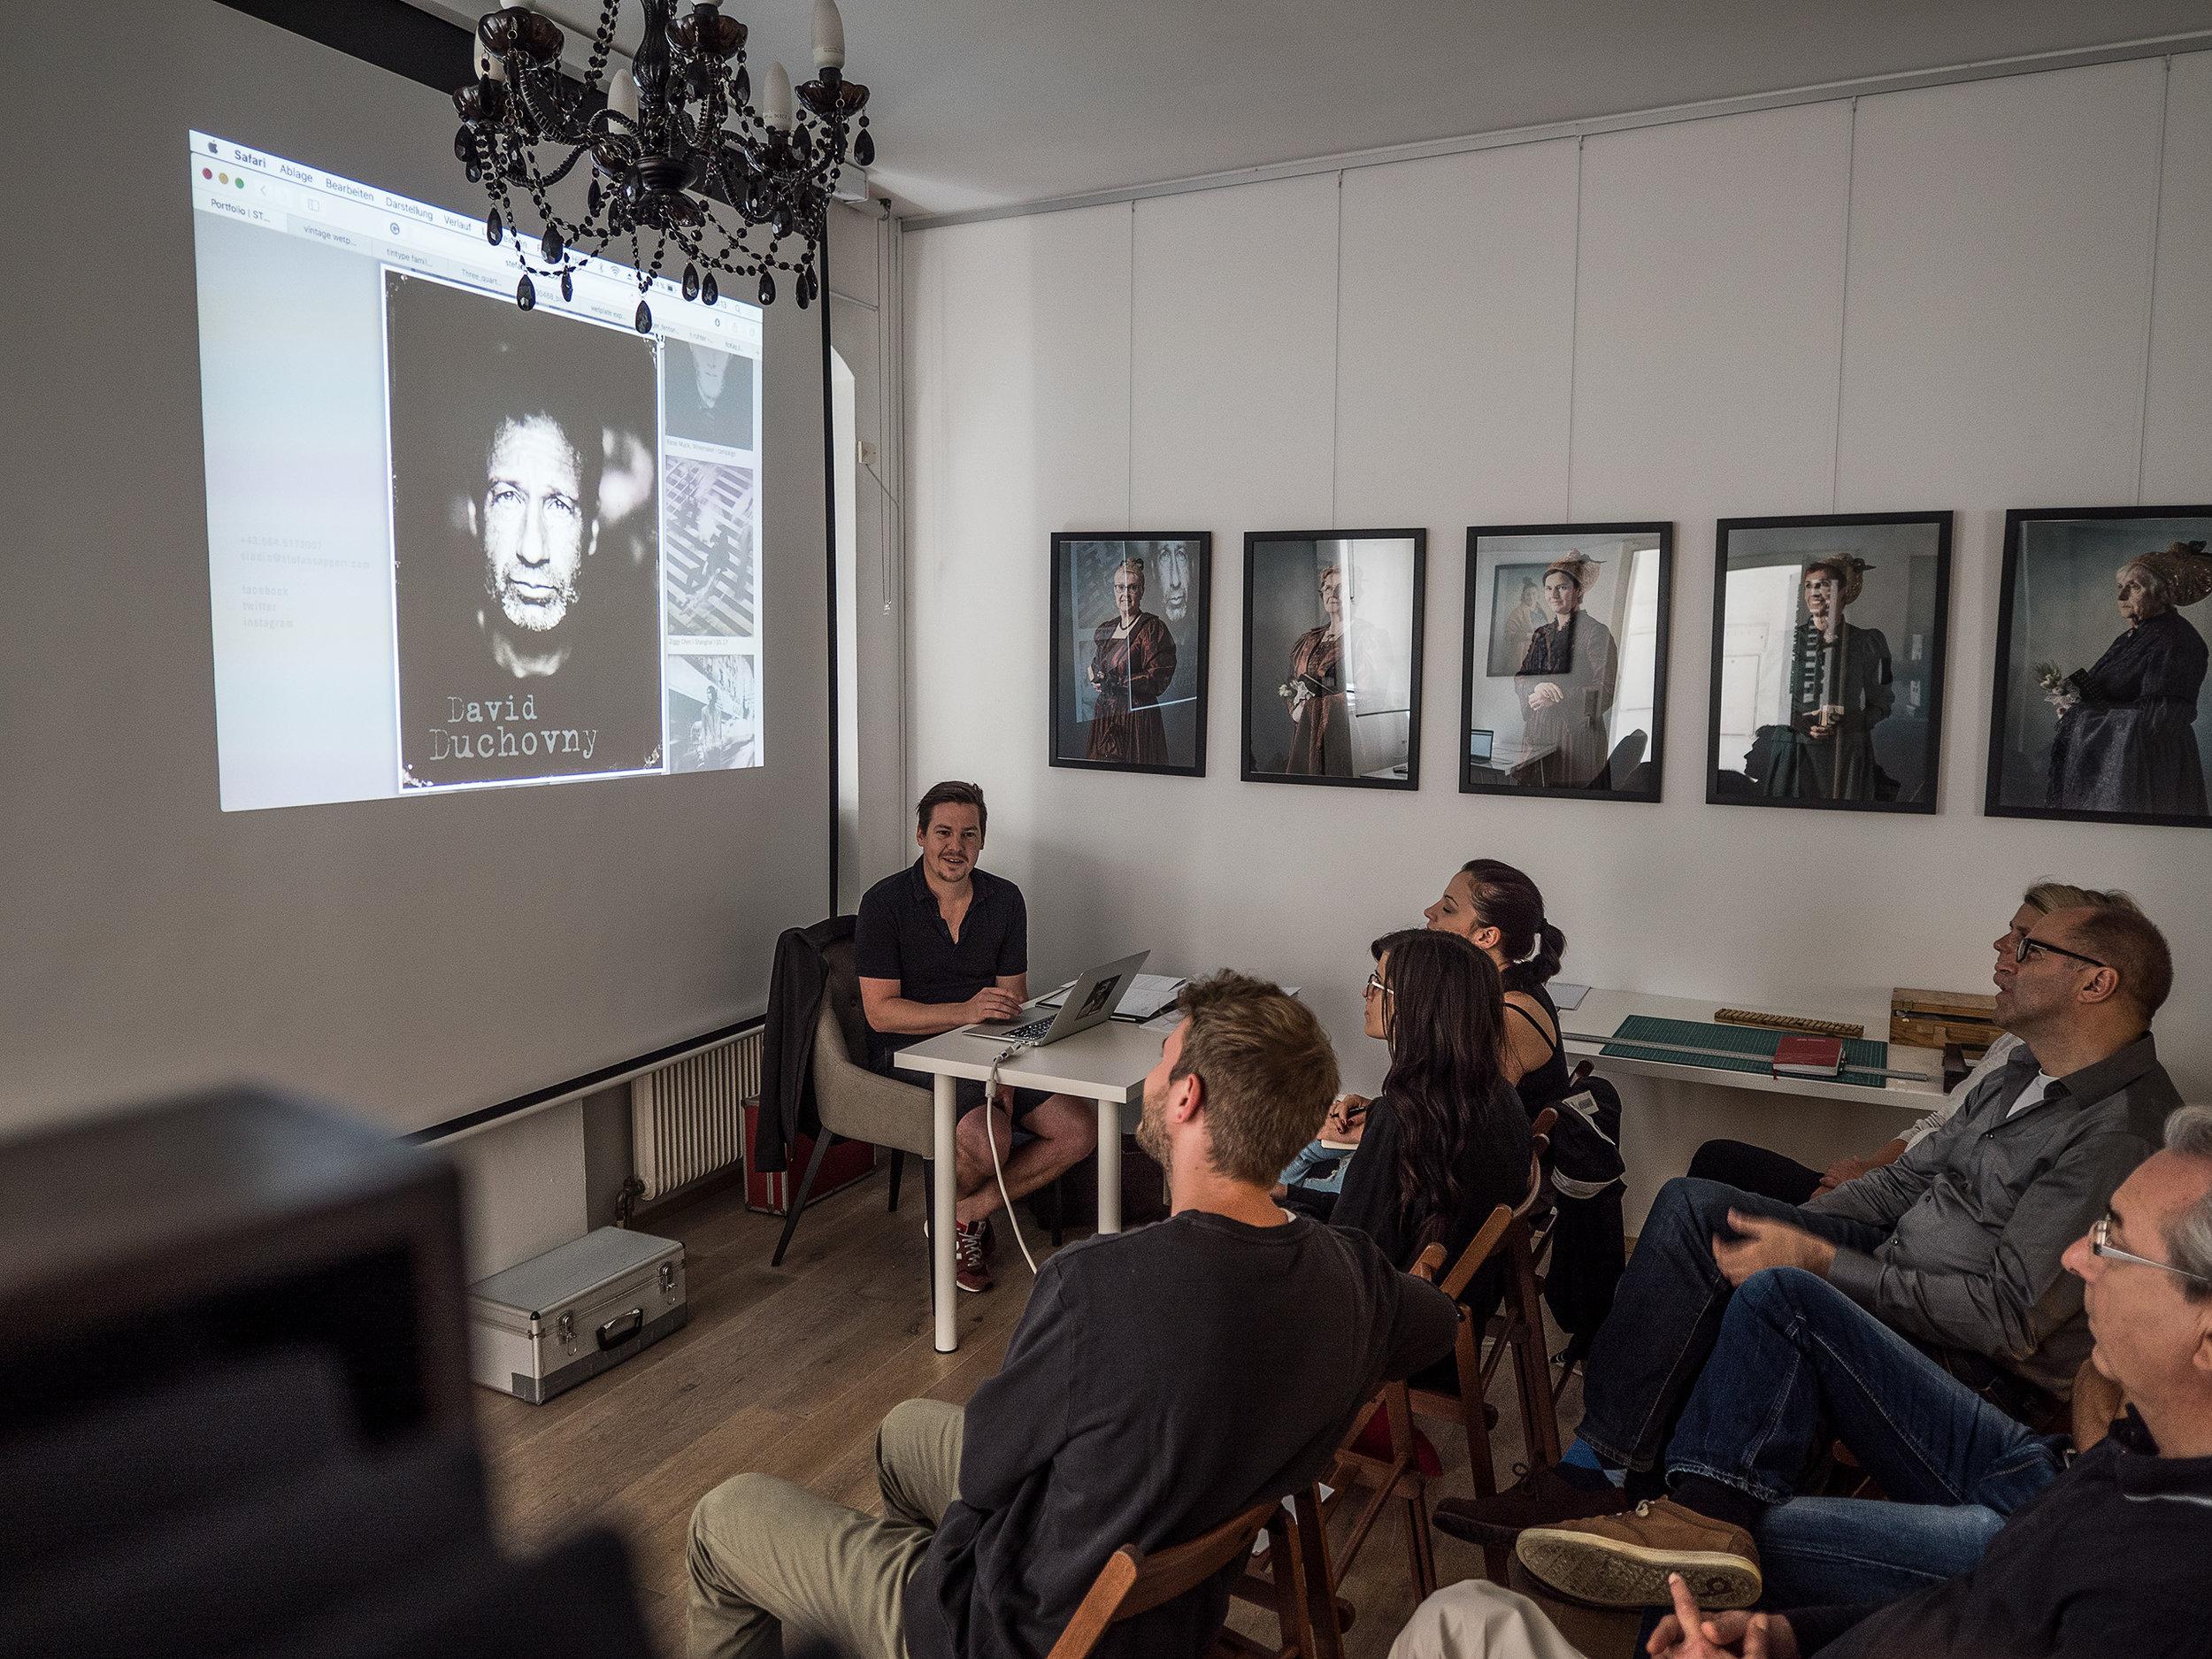 Akte x Star David Duchovny vertraute auch auf die Fähigkeiten von LIK Wetplate Kollodion Referent Stefan Sappert.